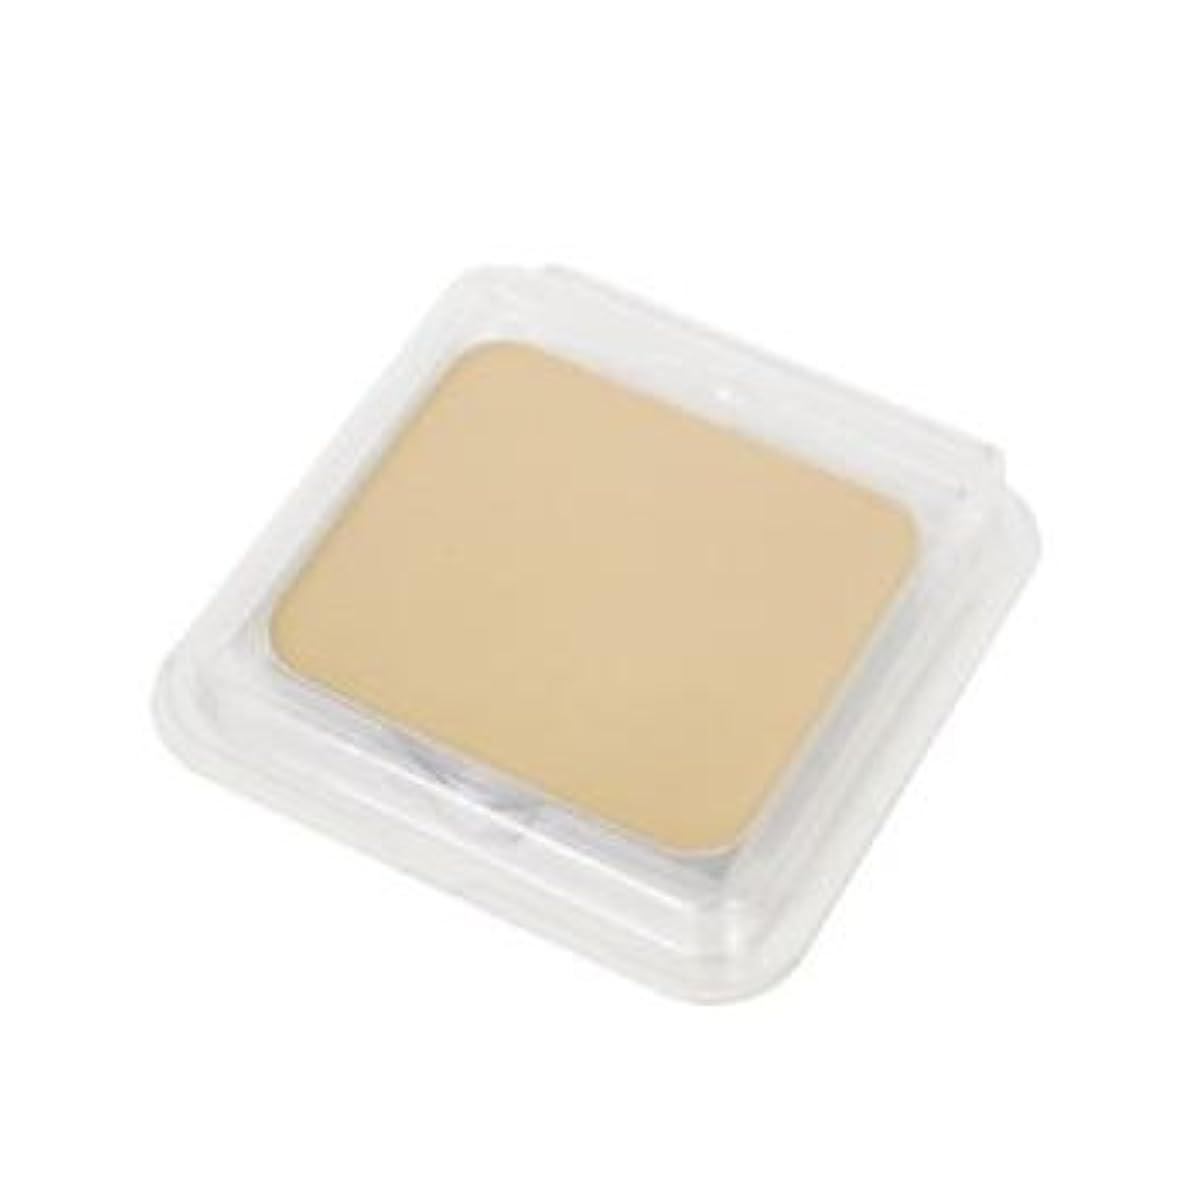 はちみつ石鹸赤面オリーブマノン パウダーファンデーションレフィル (スポンジ付) 2010 ライトオークル (12g)